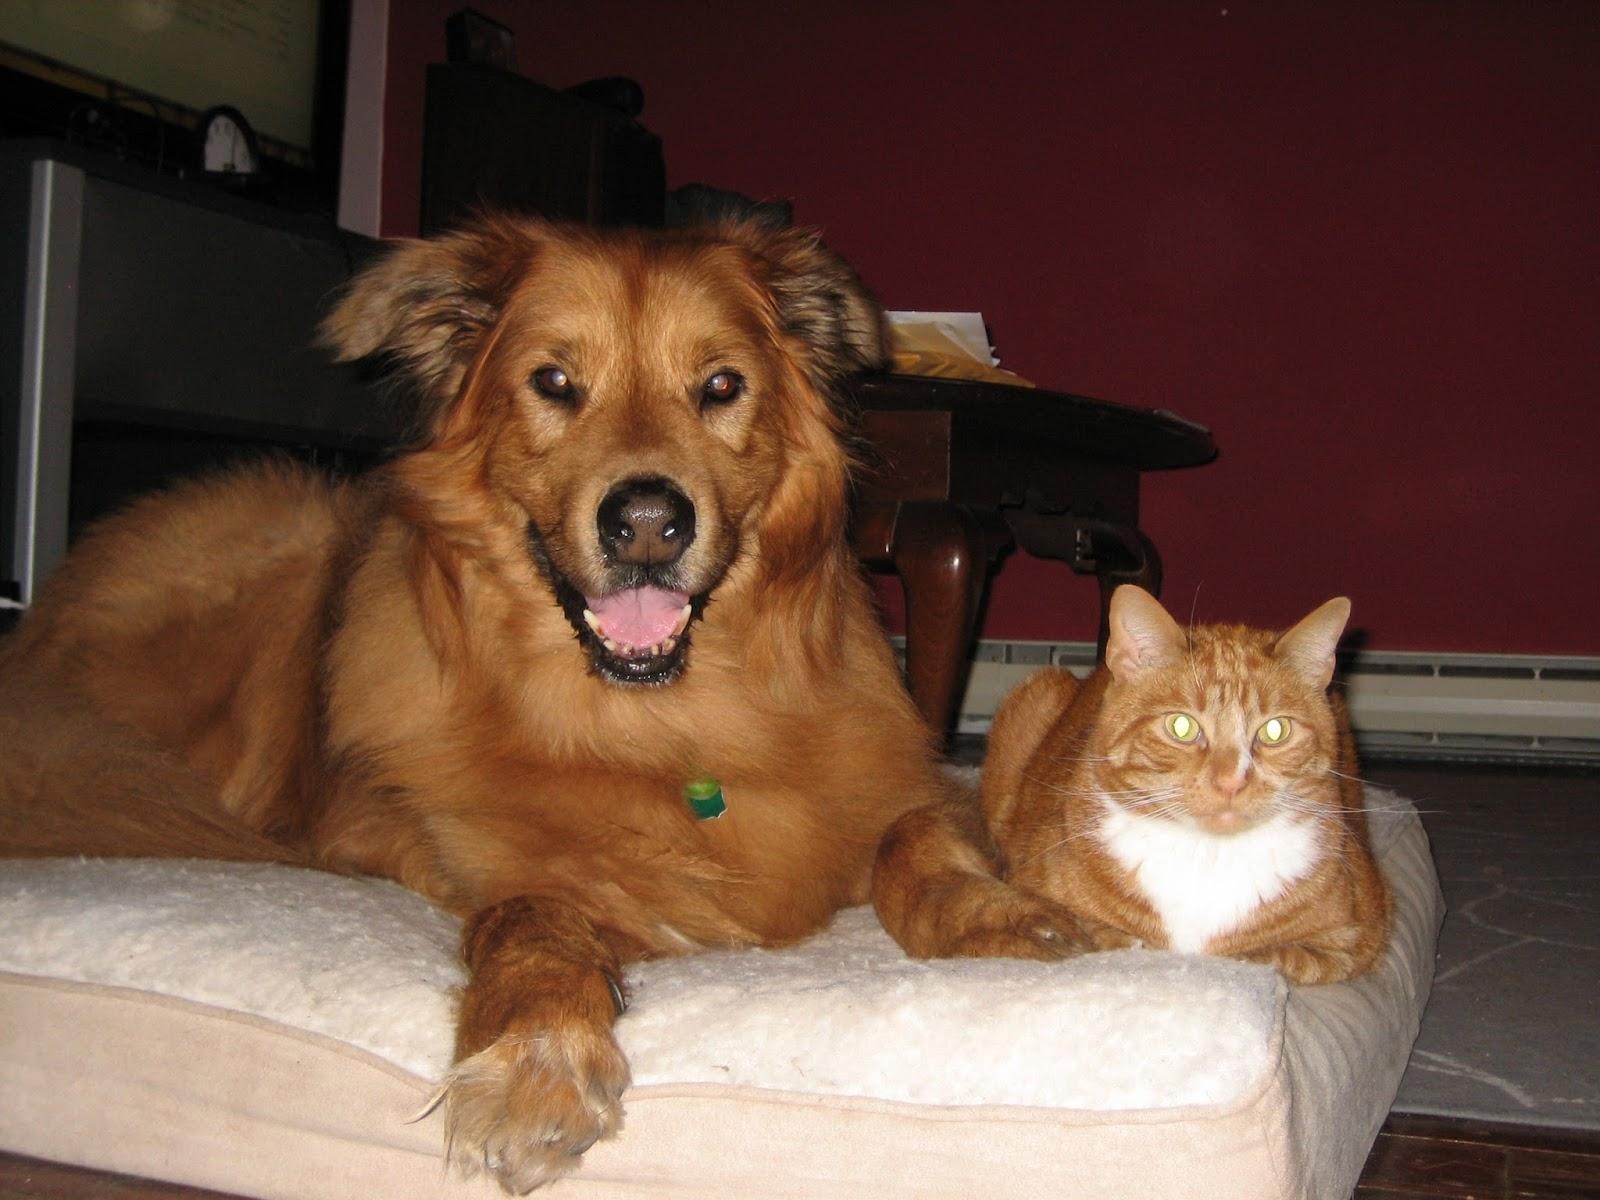 Vet S Best Moisture Mist Conditioner For Dogs